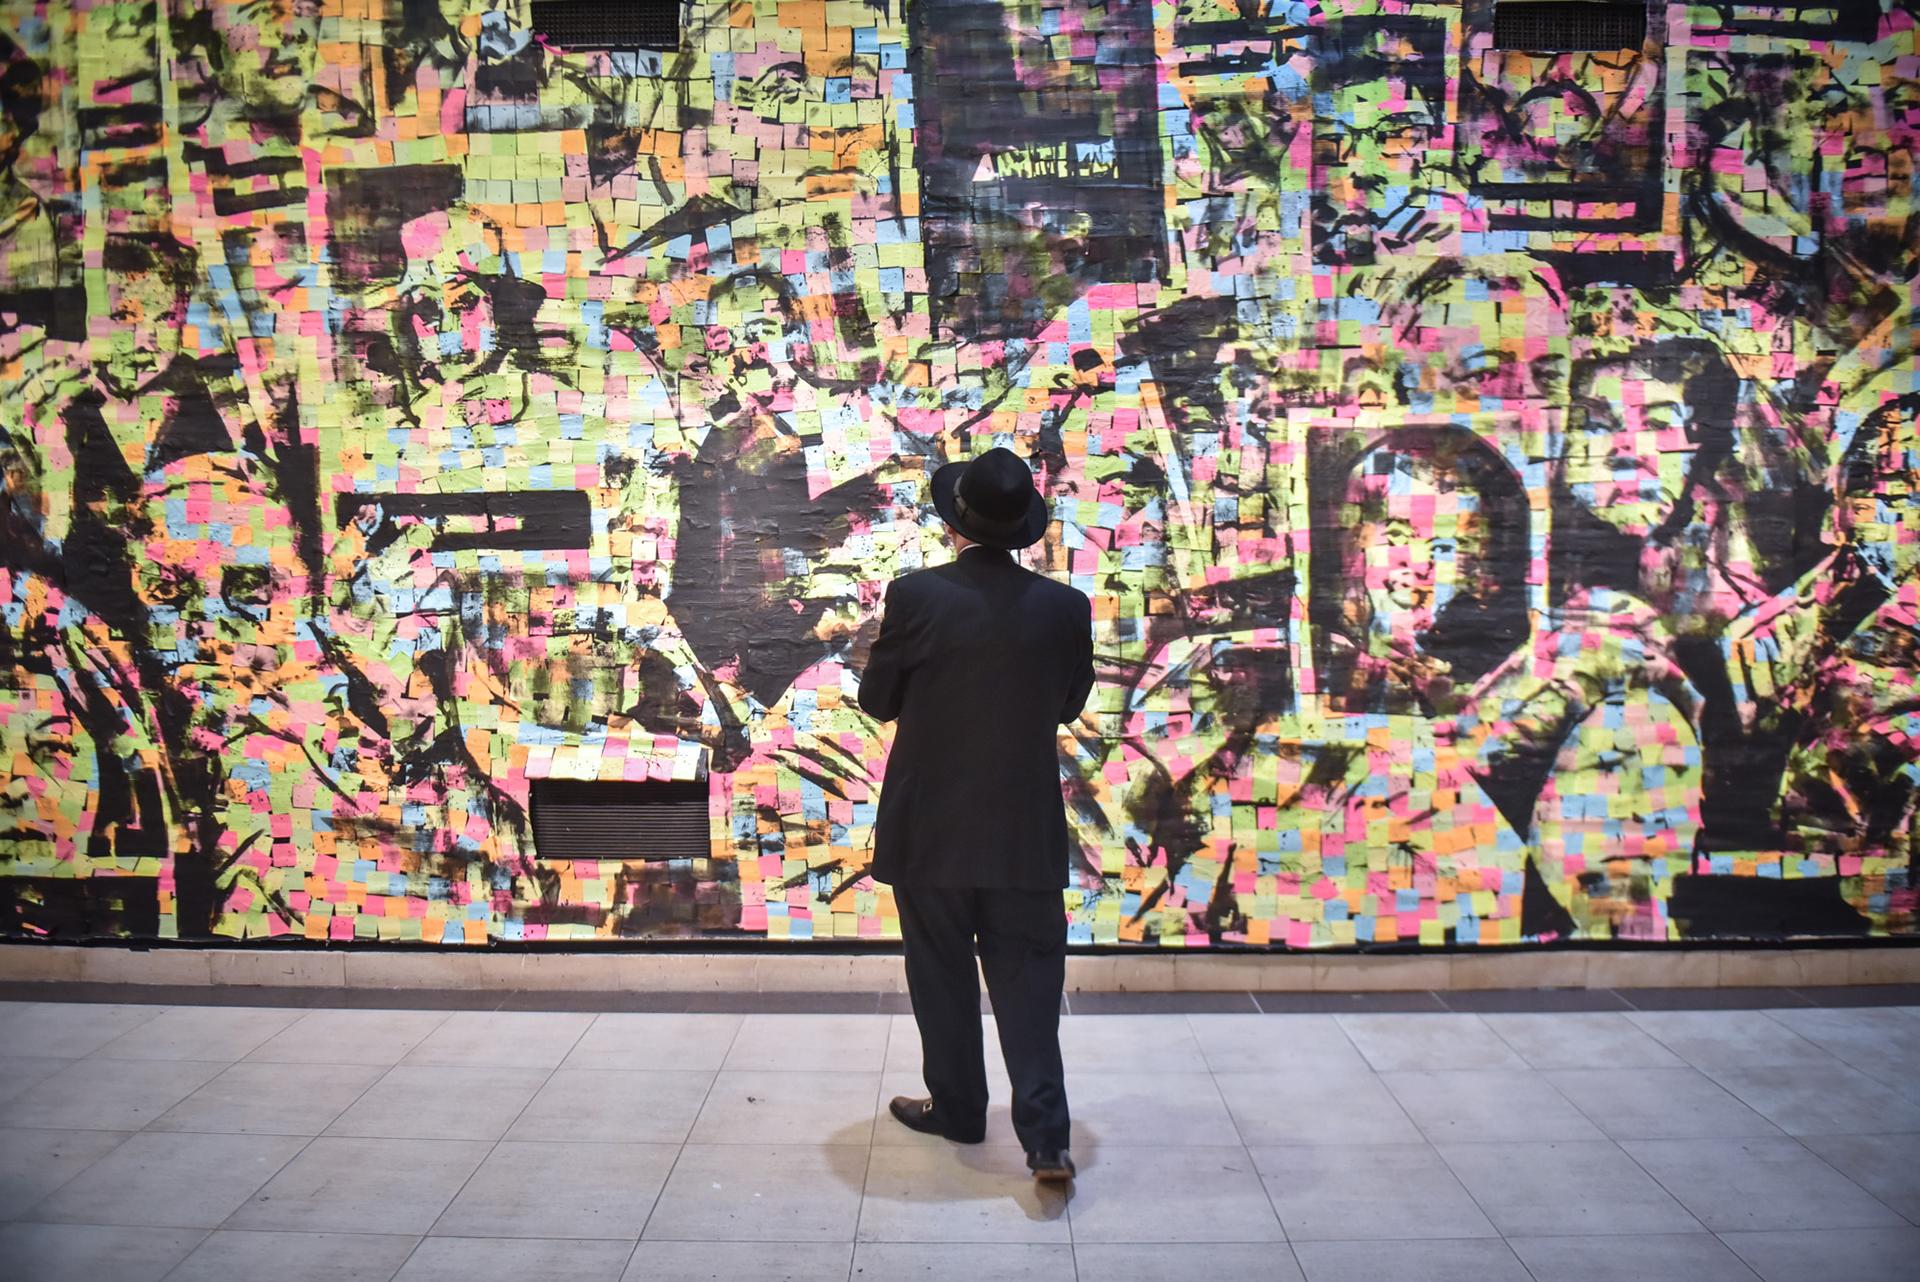 """""""El post it es un elemento asociado a recordar algo que no debemos olvidar. Le damos un uso cotidiano para fijar la memoria"""", explicó Elio Kapszuk, curador de la muestra"""